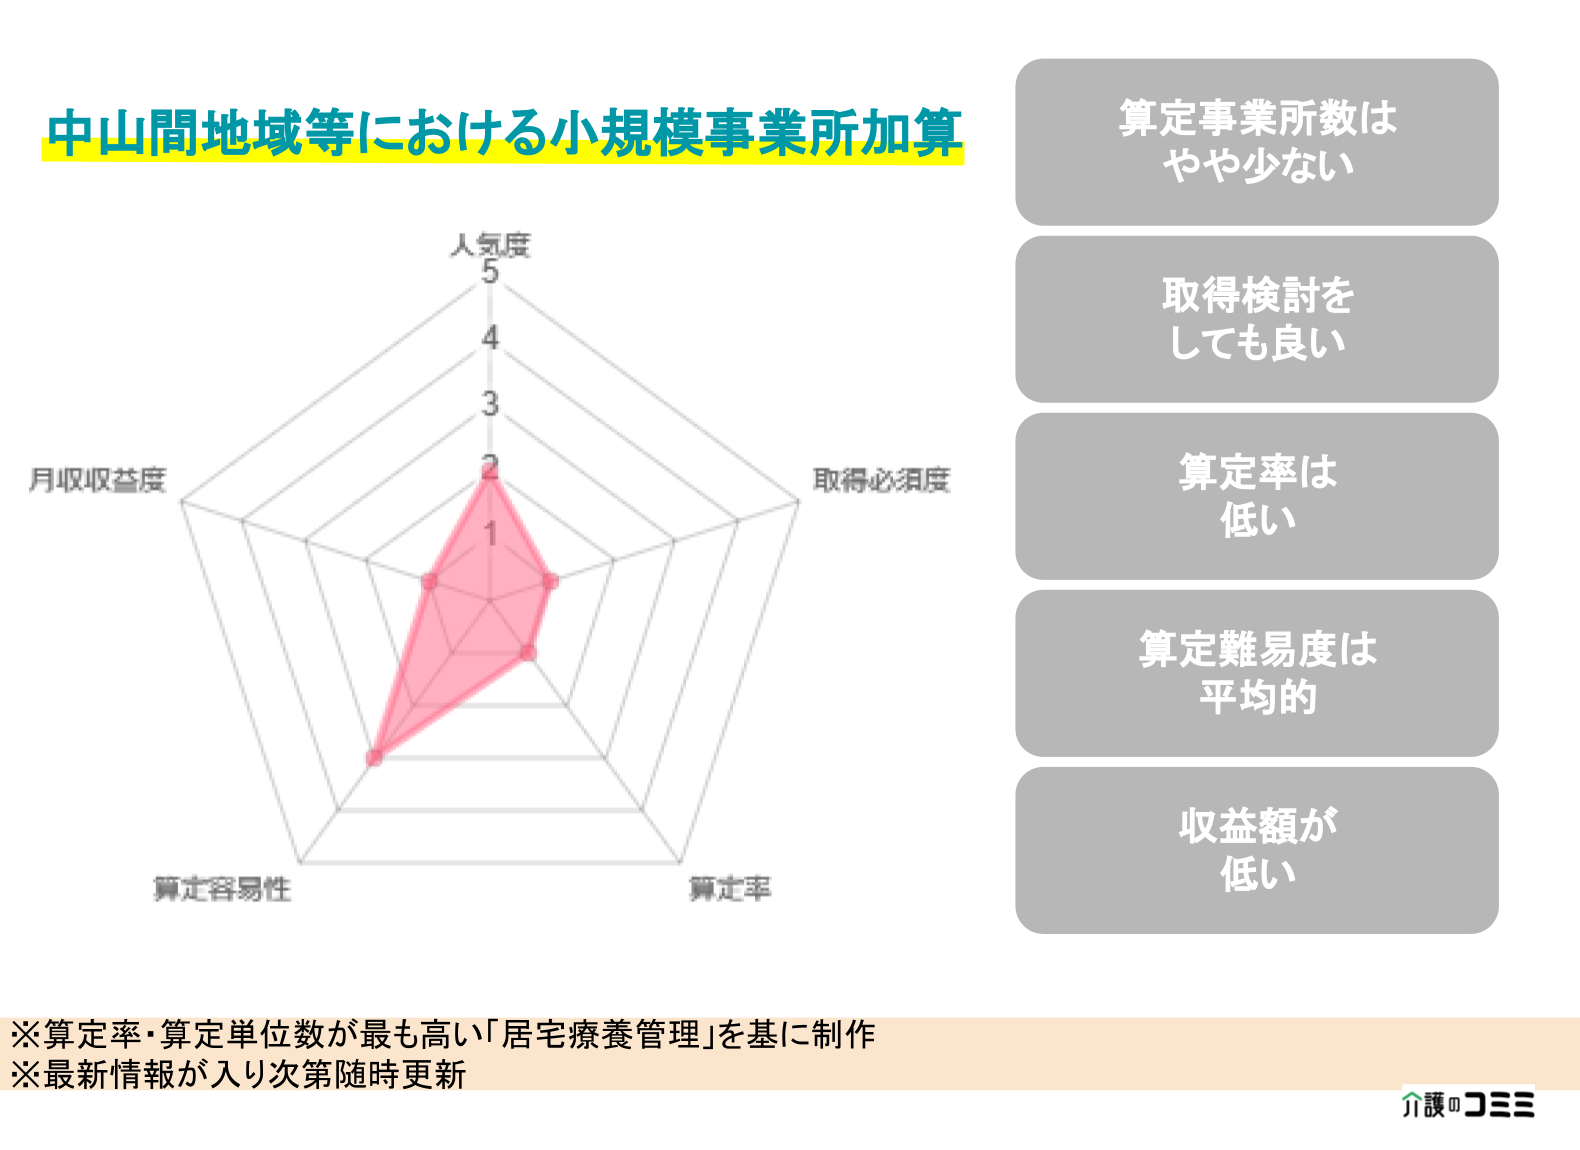 【加算ランキング】中山間地域等における小規模事業所加算とは?基礎から解説!